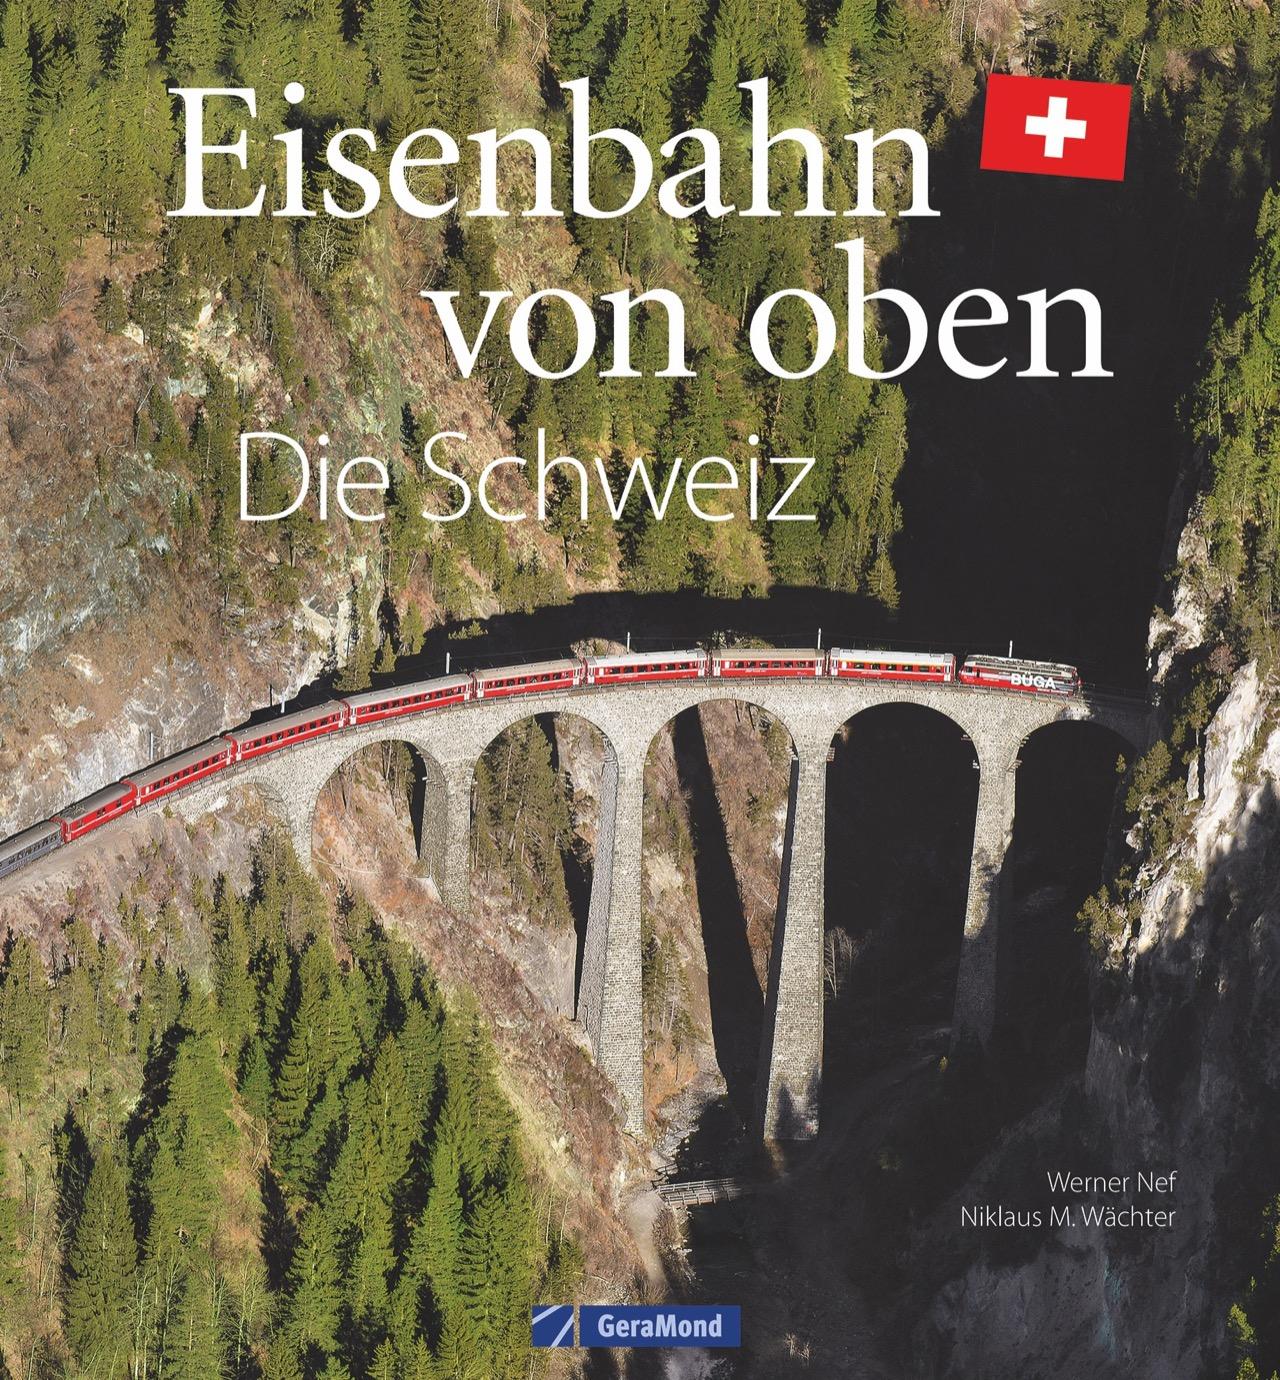 Eisenbahn von oben